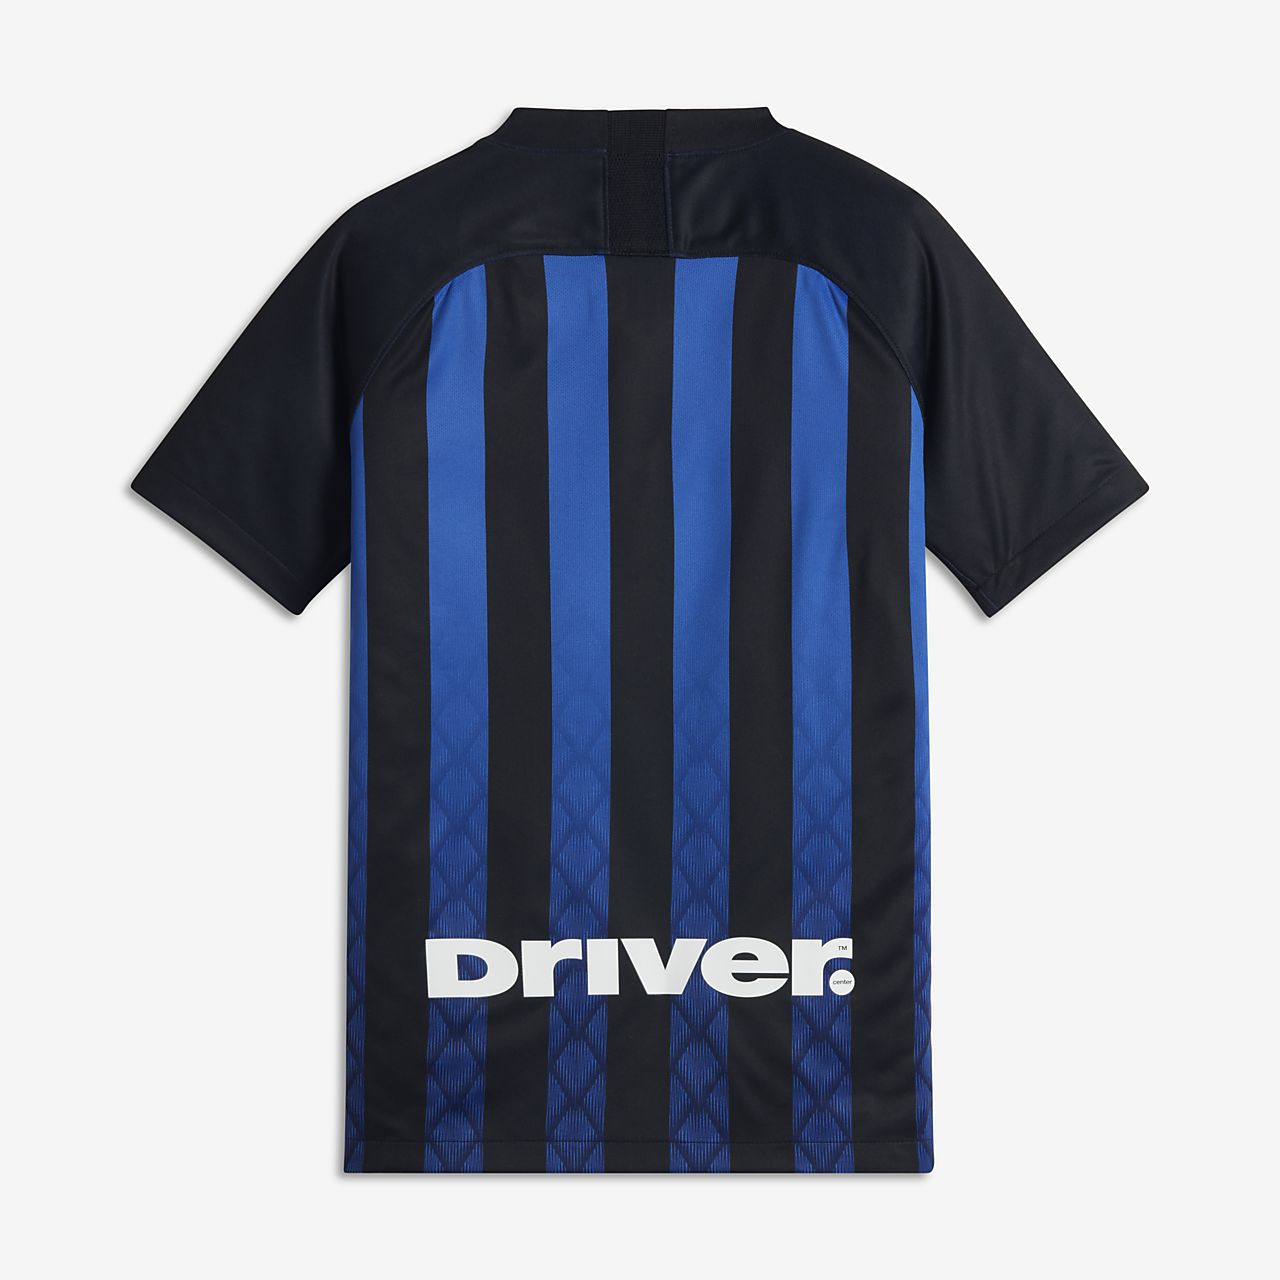 ... Camiseta de fútbol para niños talla grande de local Stadium del Inter  de Milán 2018  20c22769c3d36